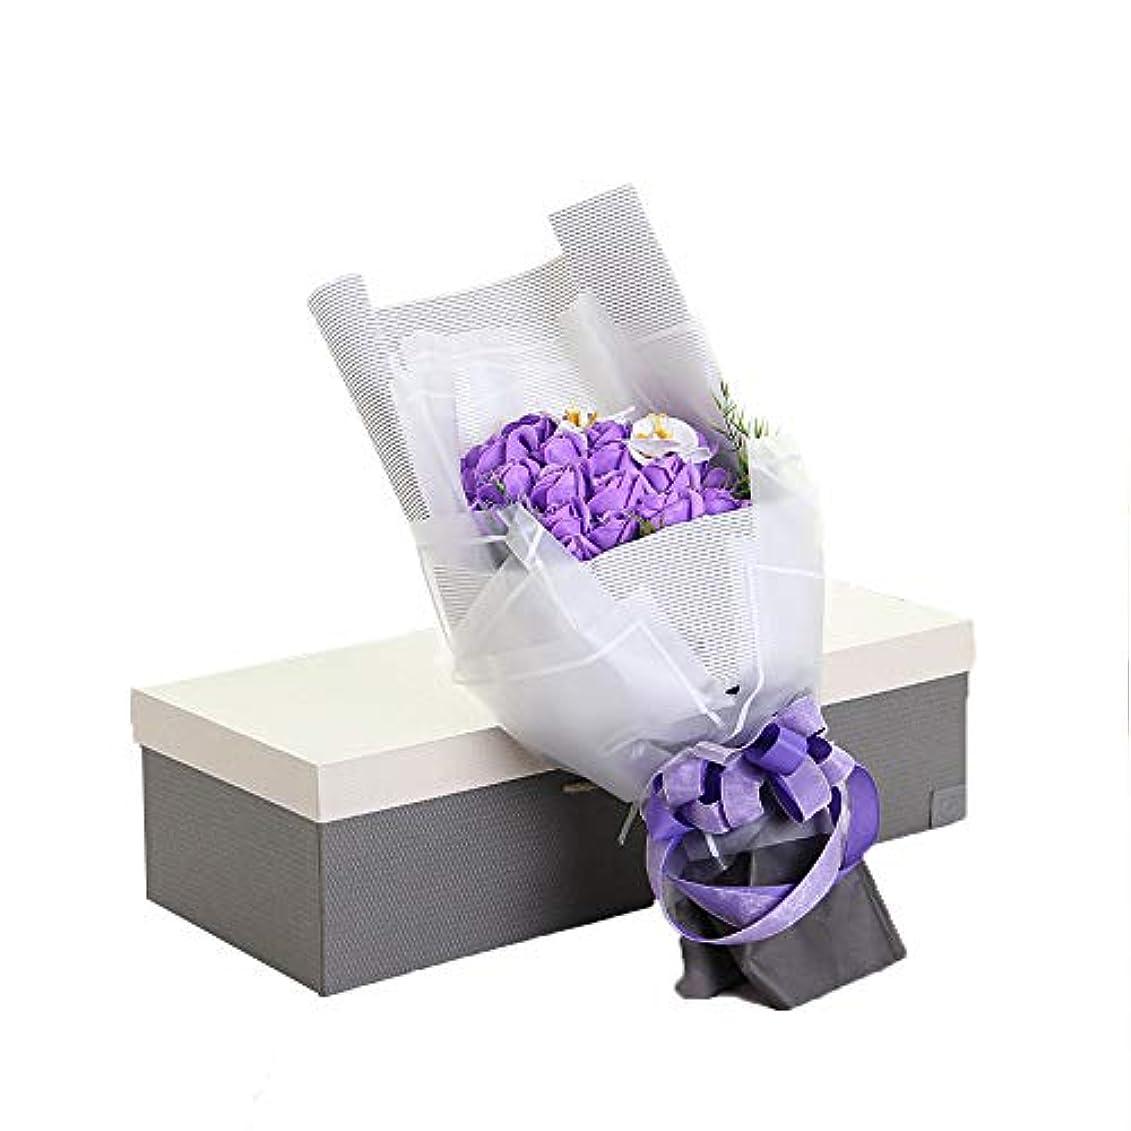 石化する動機付ける皮肉な手作り29石鹸花の花束ギフトボックス、女性のためのギフトバレンタインデー、母の日、結婚式、クリスマス、誕生日(ベアカラーランダム) (色 : 紫の)